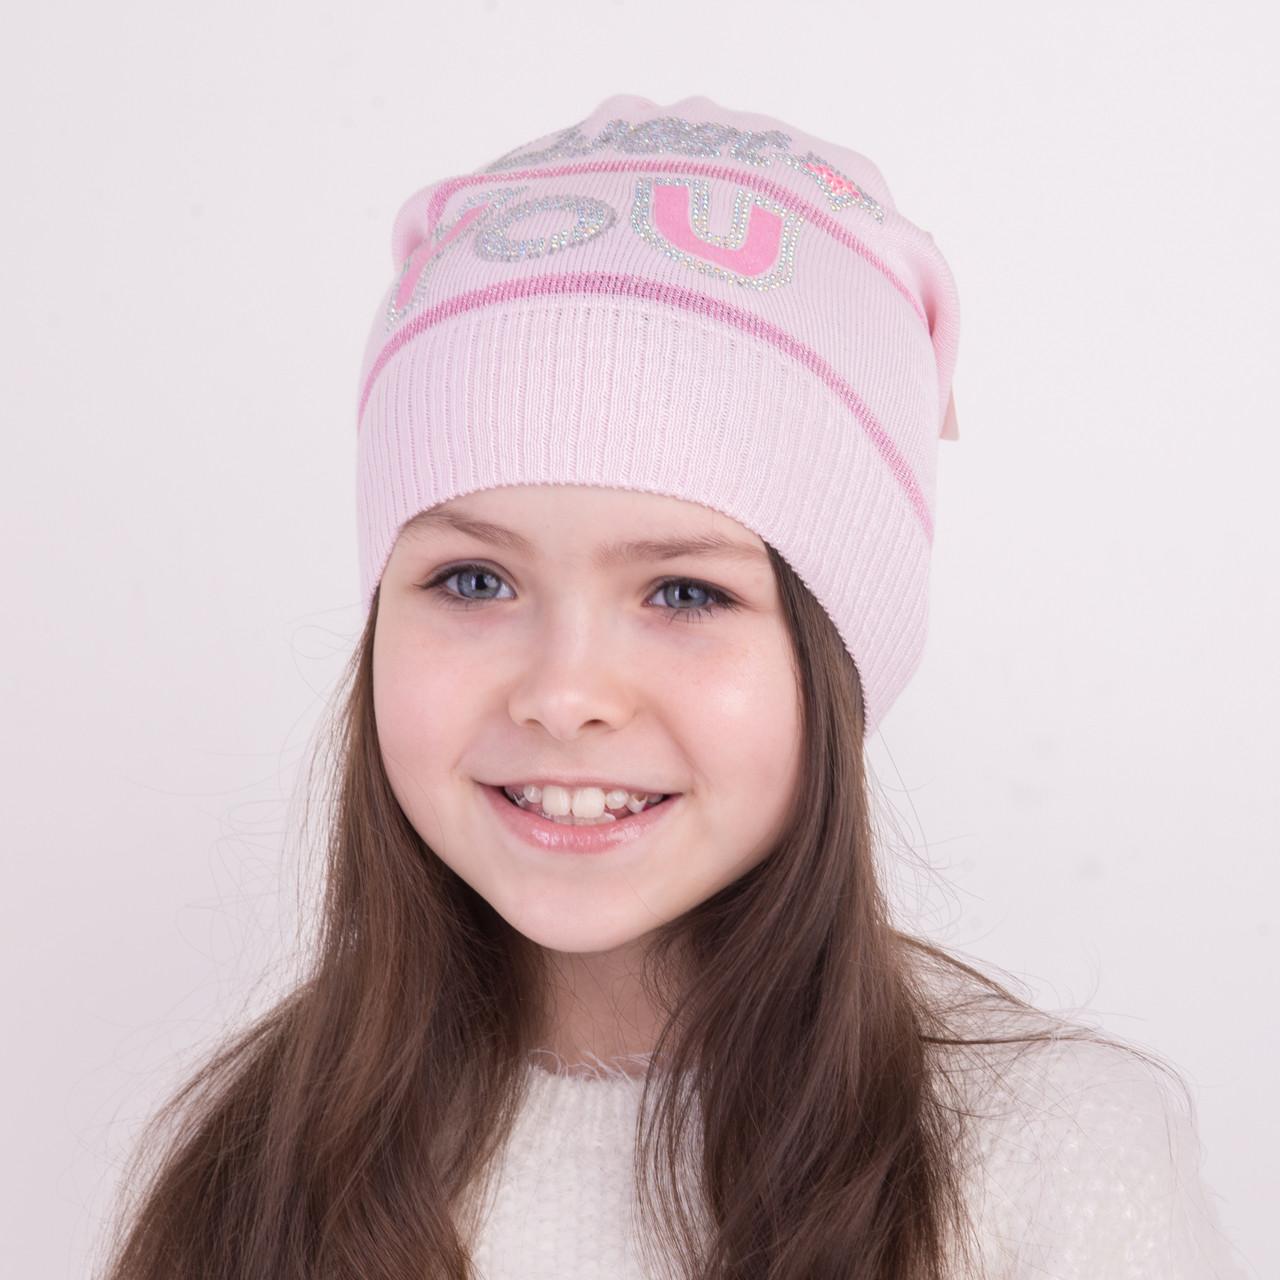 Вязанная шапка для девочек на весну - Арт 1270